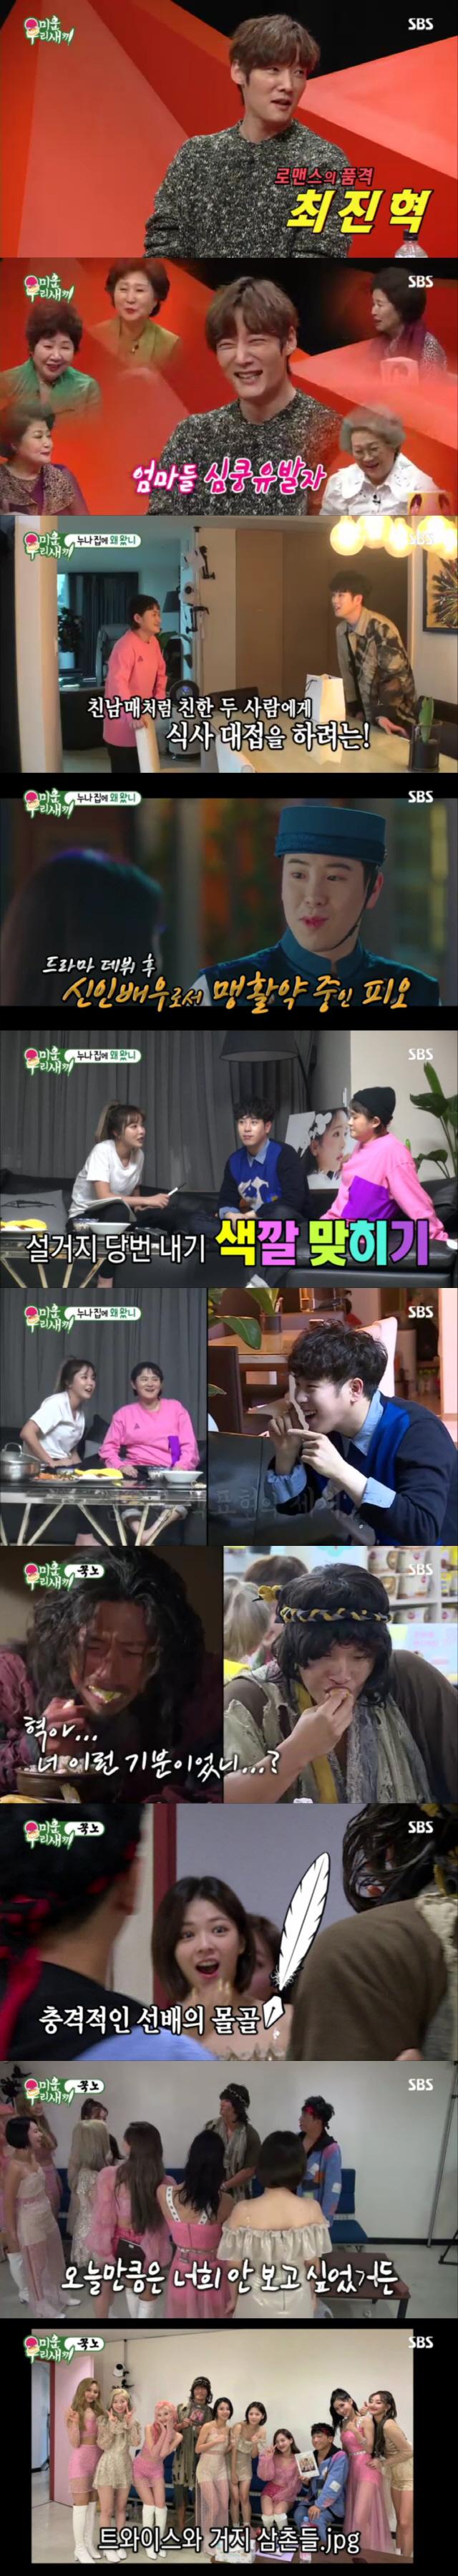 '미운우리새끼' 김종국→김희철의 롤러코스터급 감정 기복까지..'폭탄 웃음'